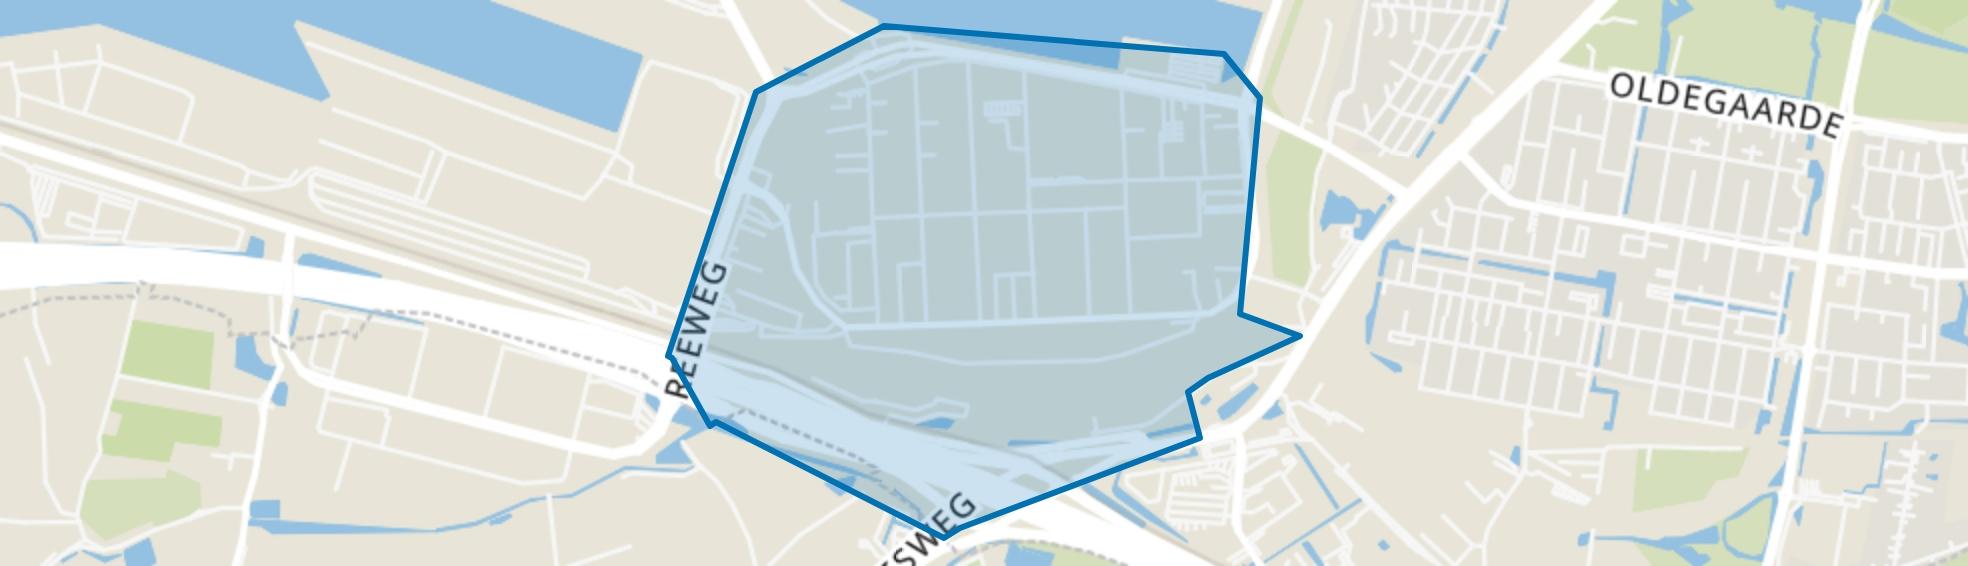 Waalhaven Zuid, Rotterdam map